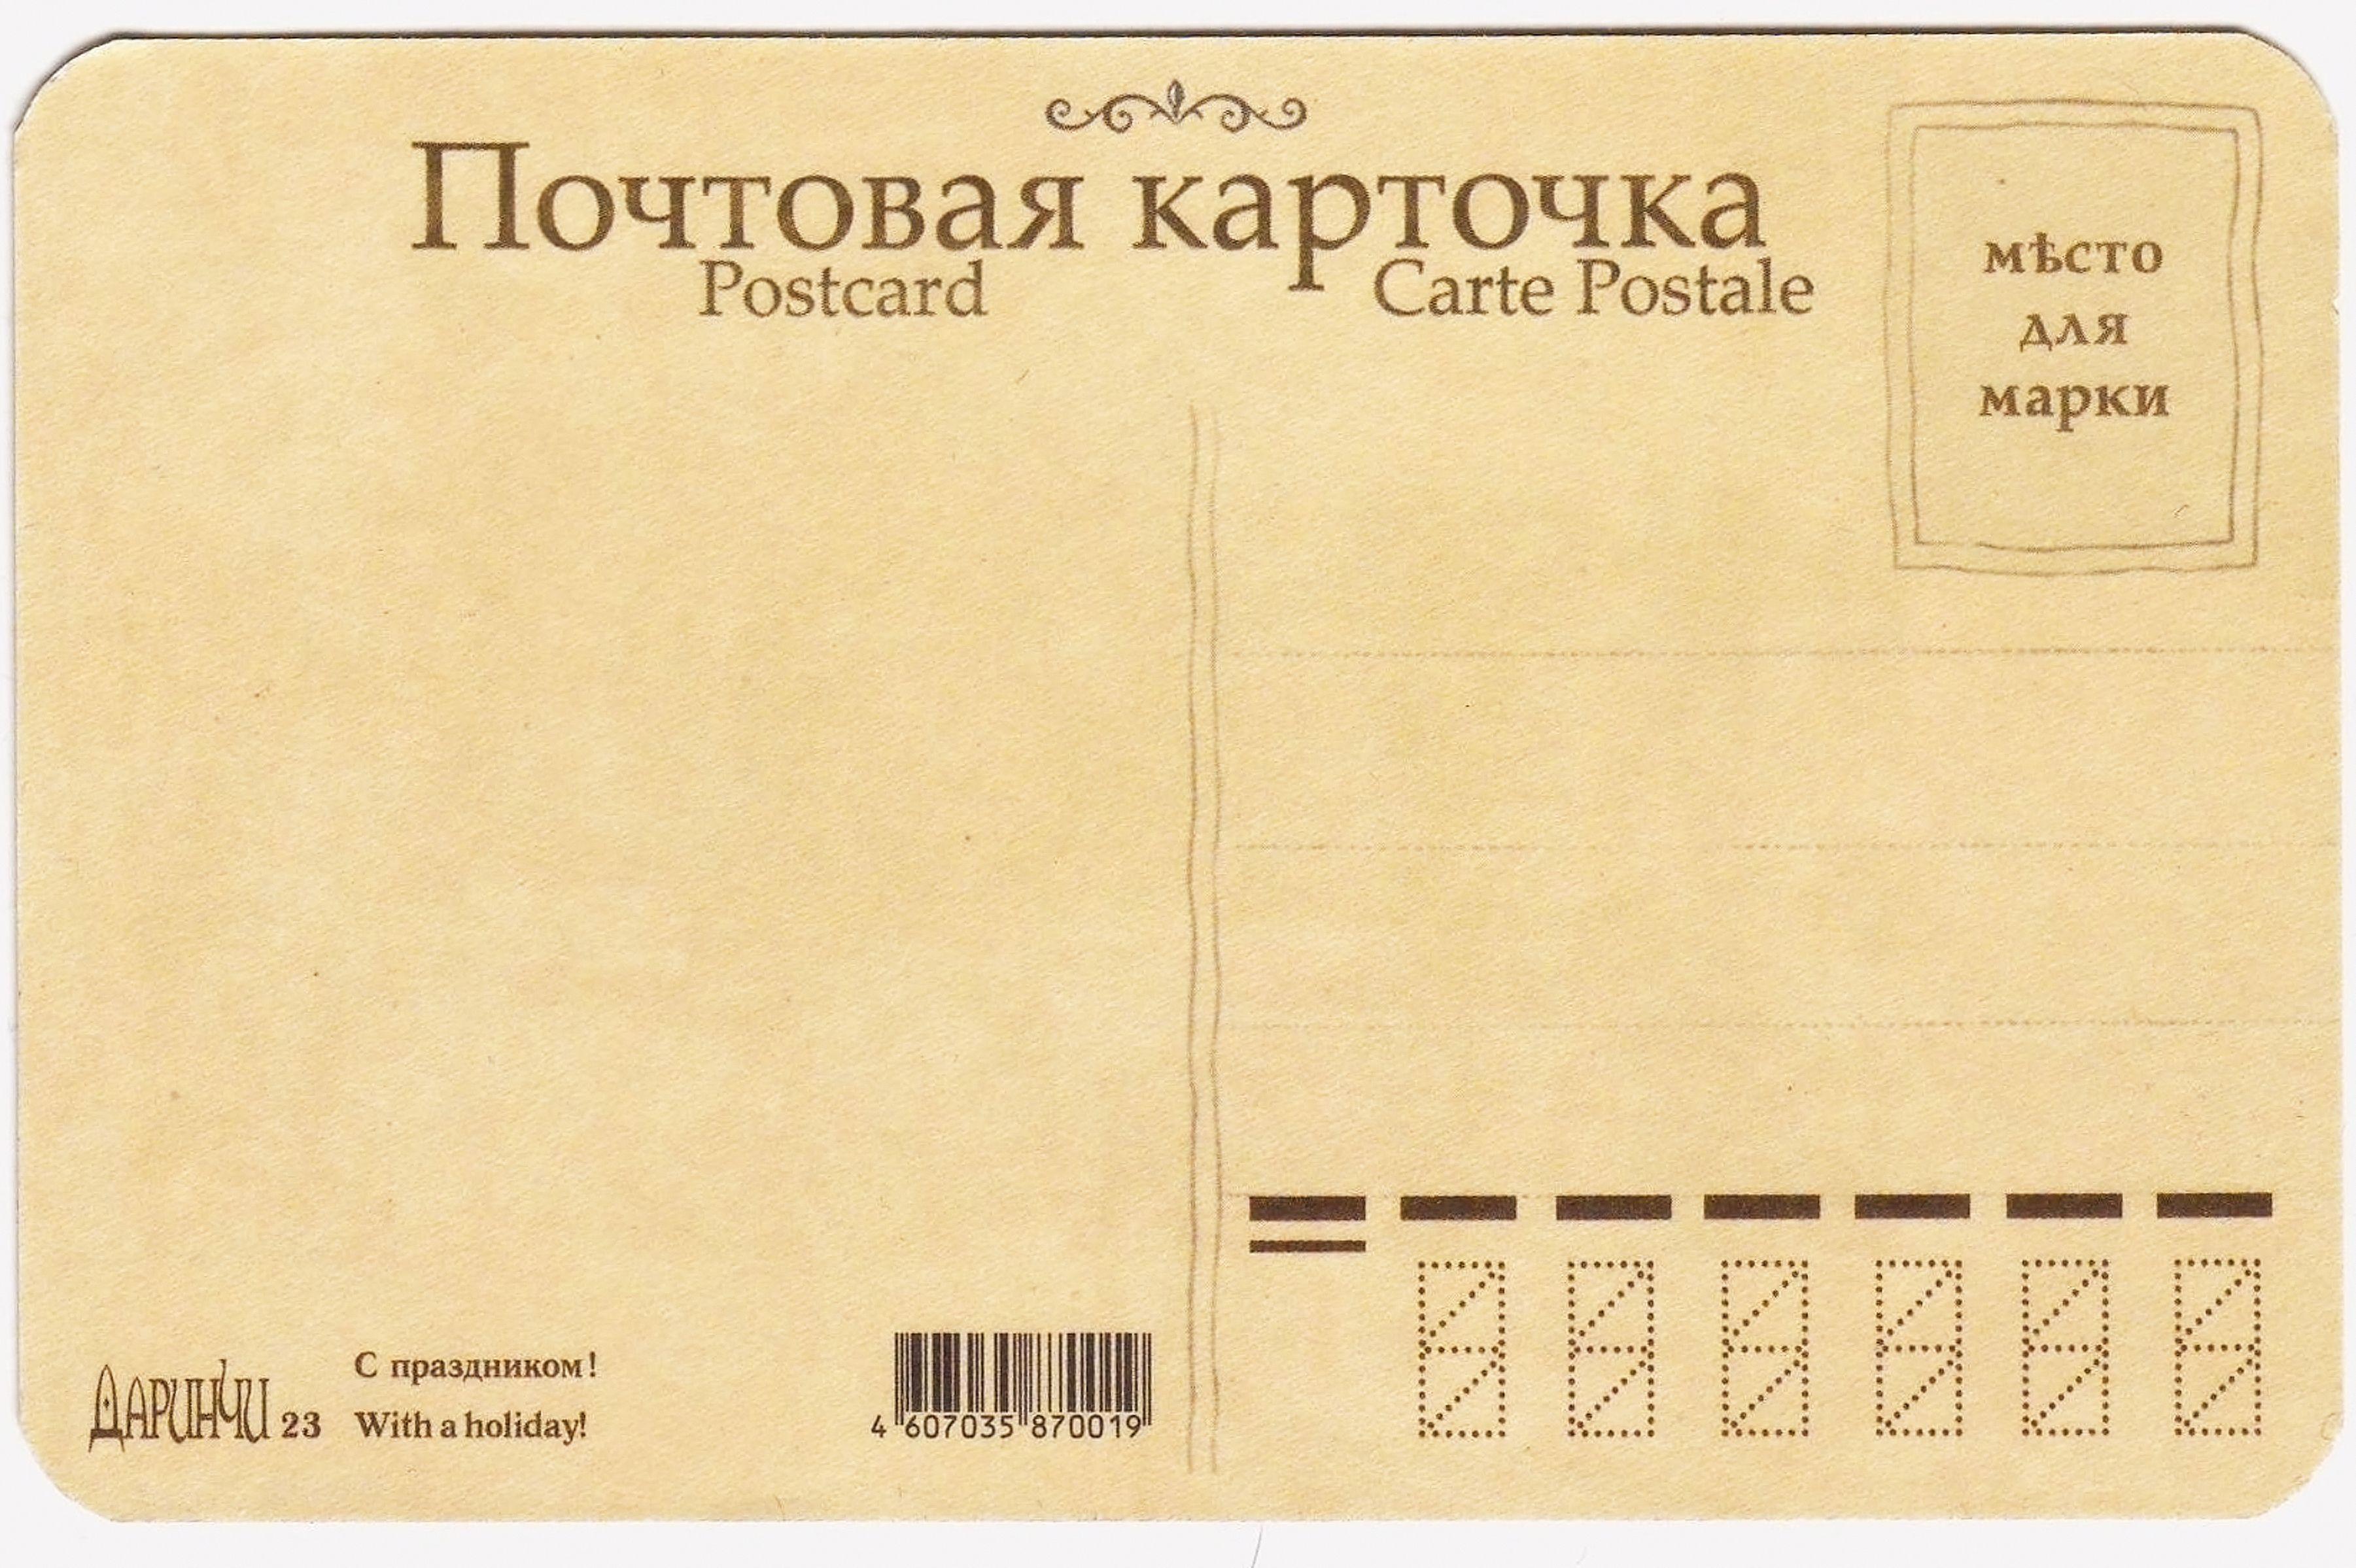 Оформление оборотной стороны открытки